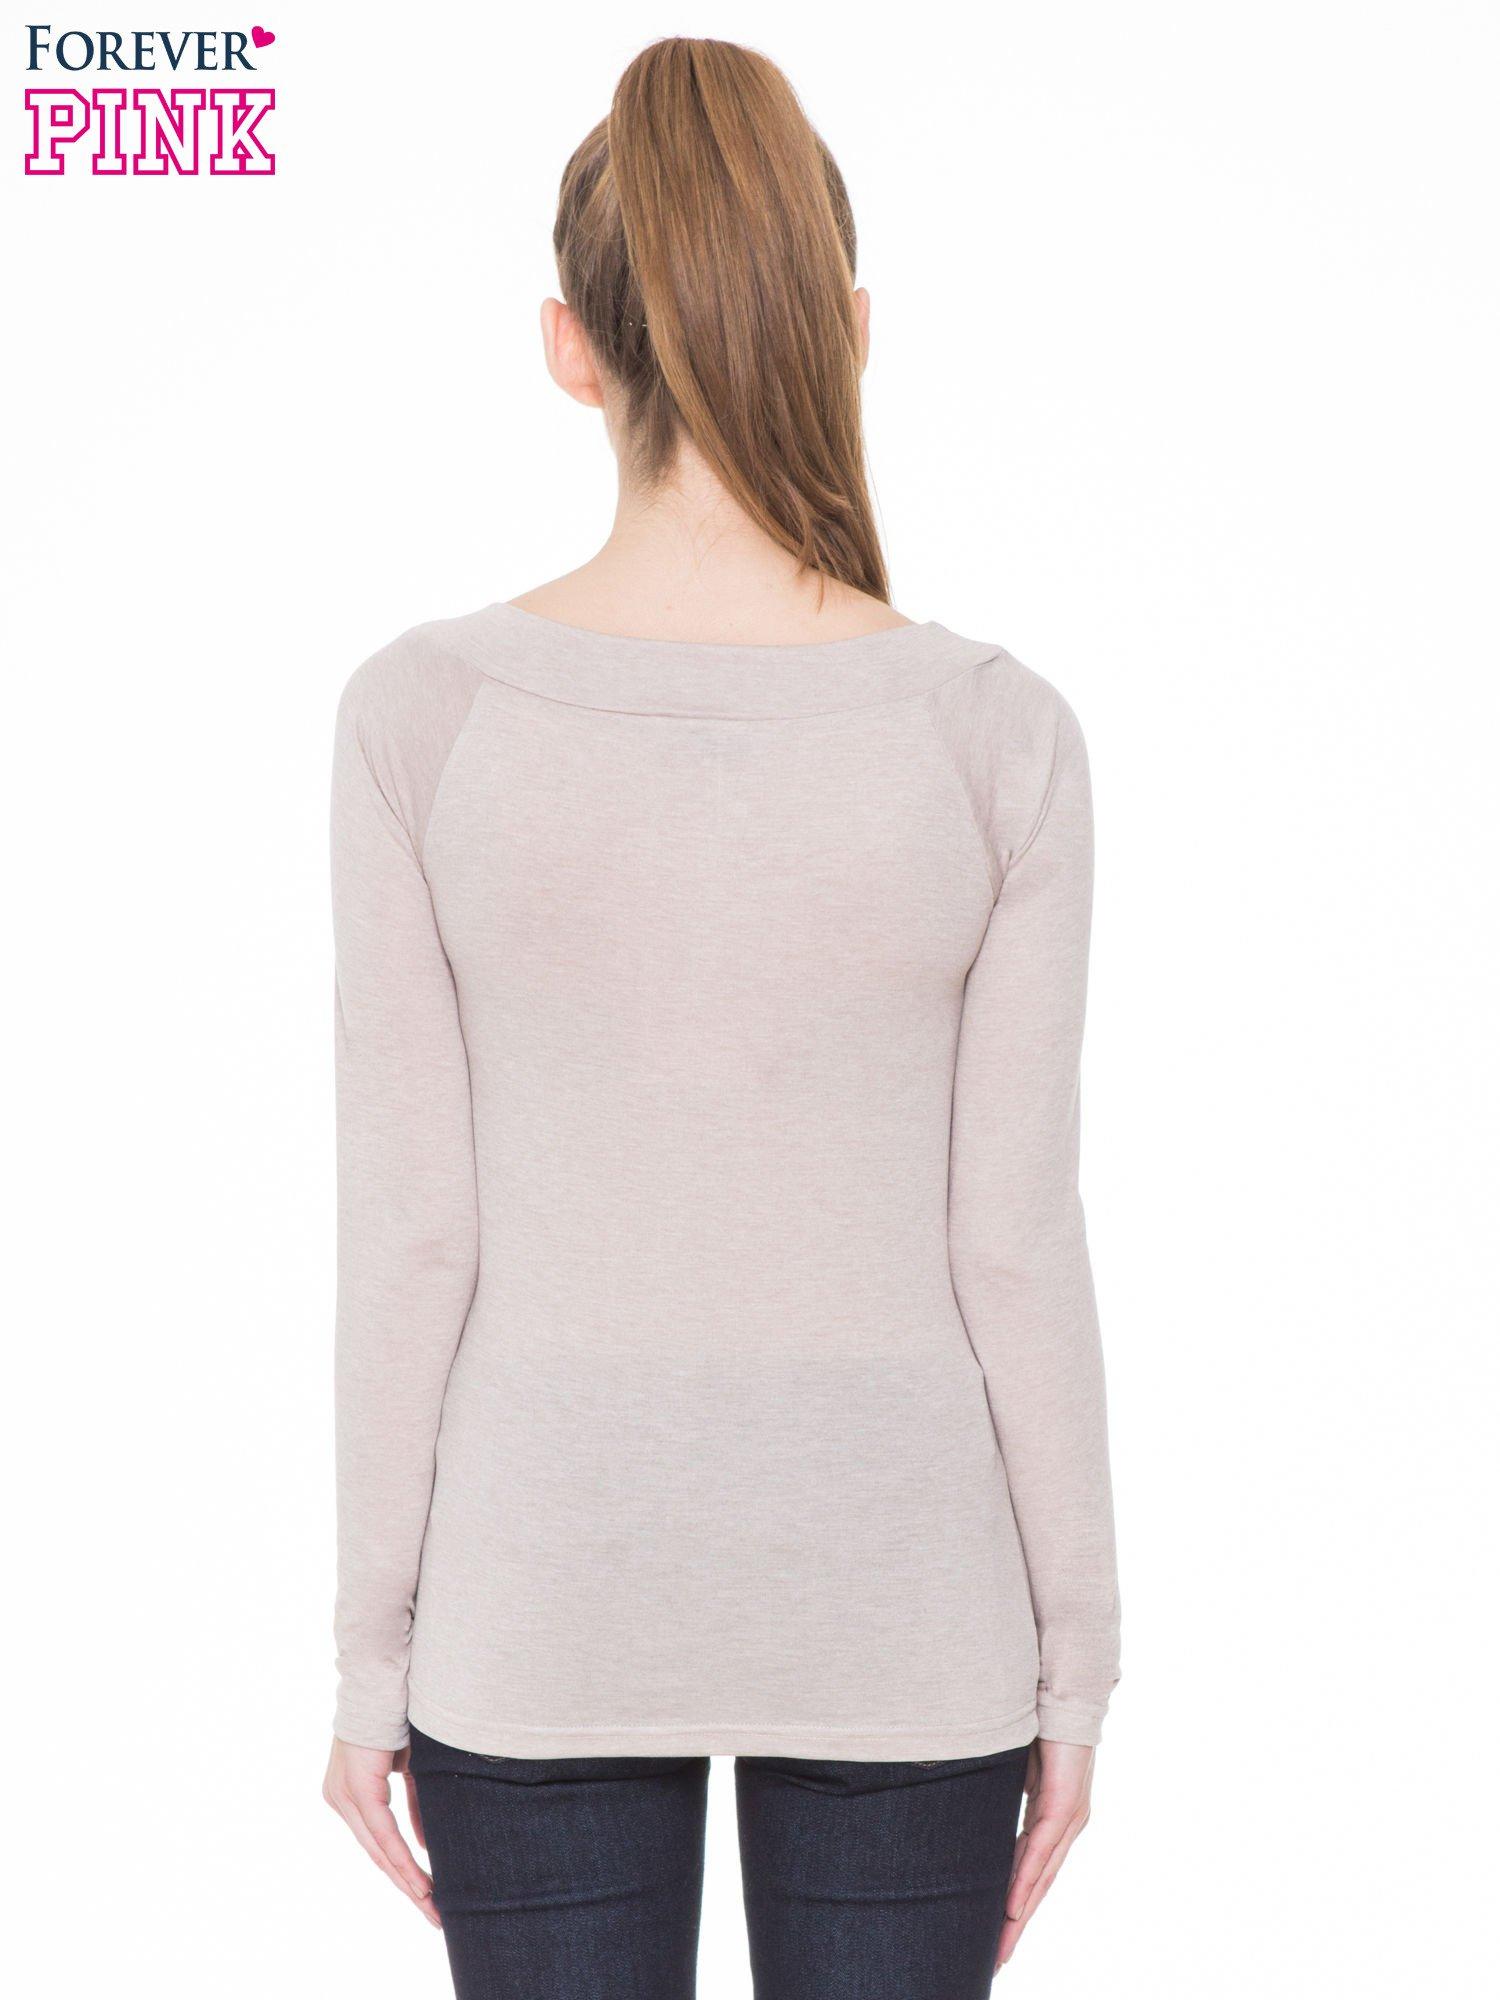 Beżowa gładka bluzka z reglanowymi rękawami                                  zdj.                                  4